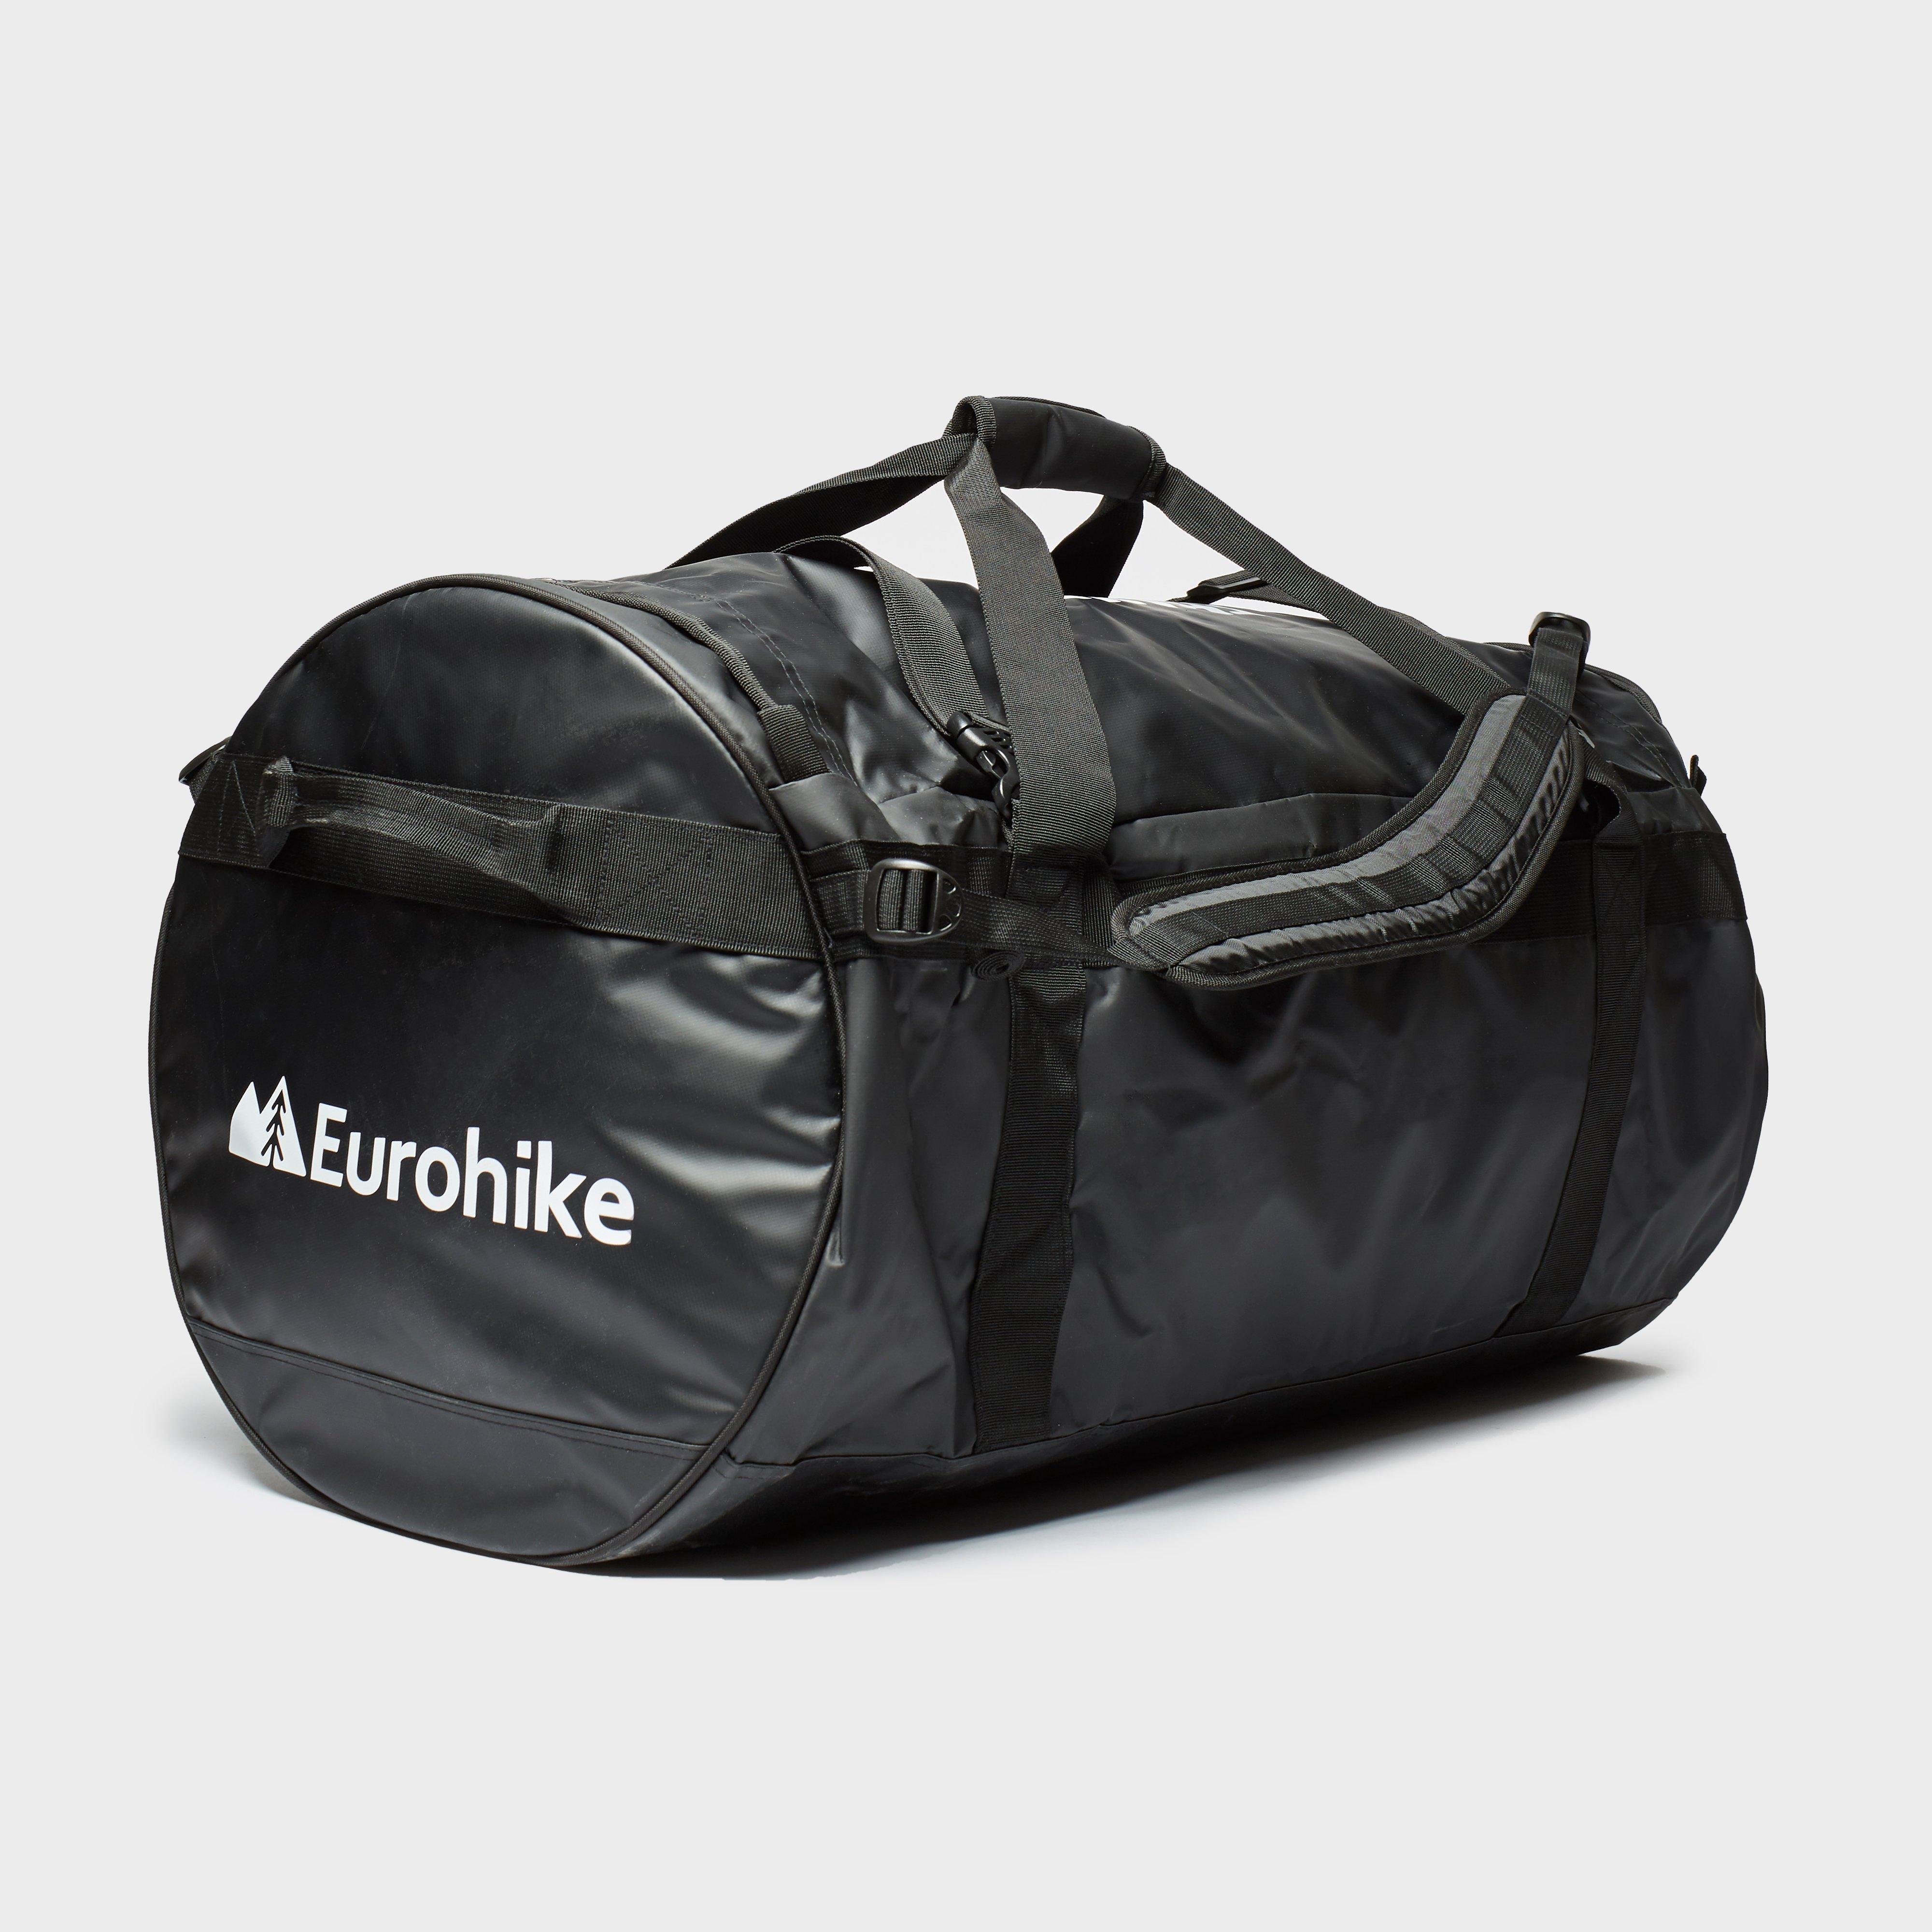 Eurohike Eurohike Transit 120L Cargo Bag - Black, Black